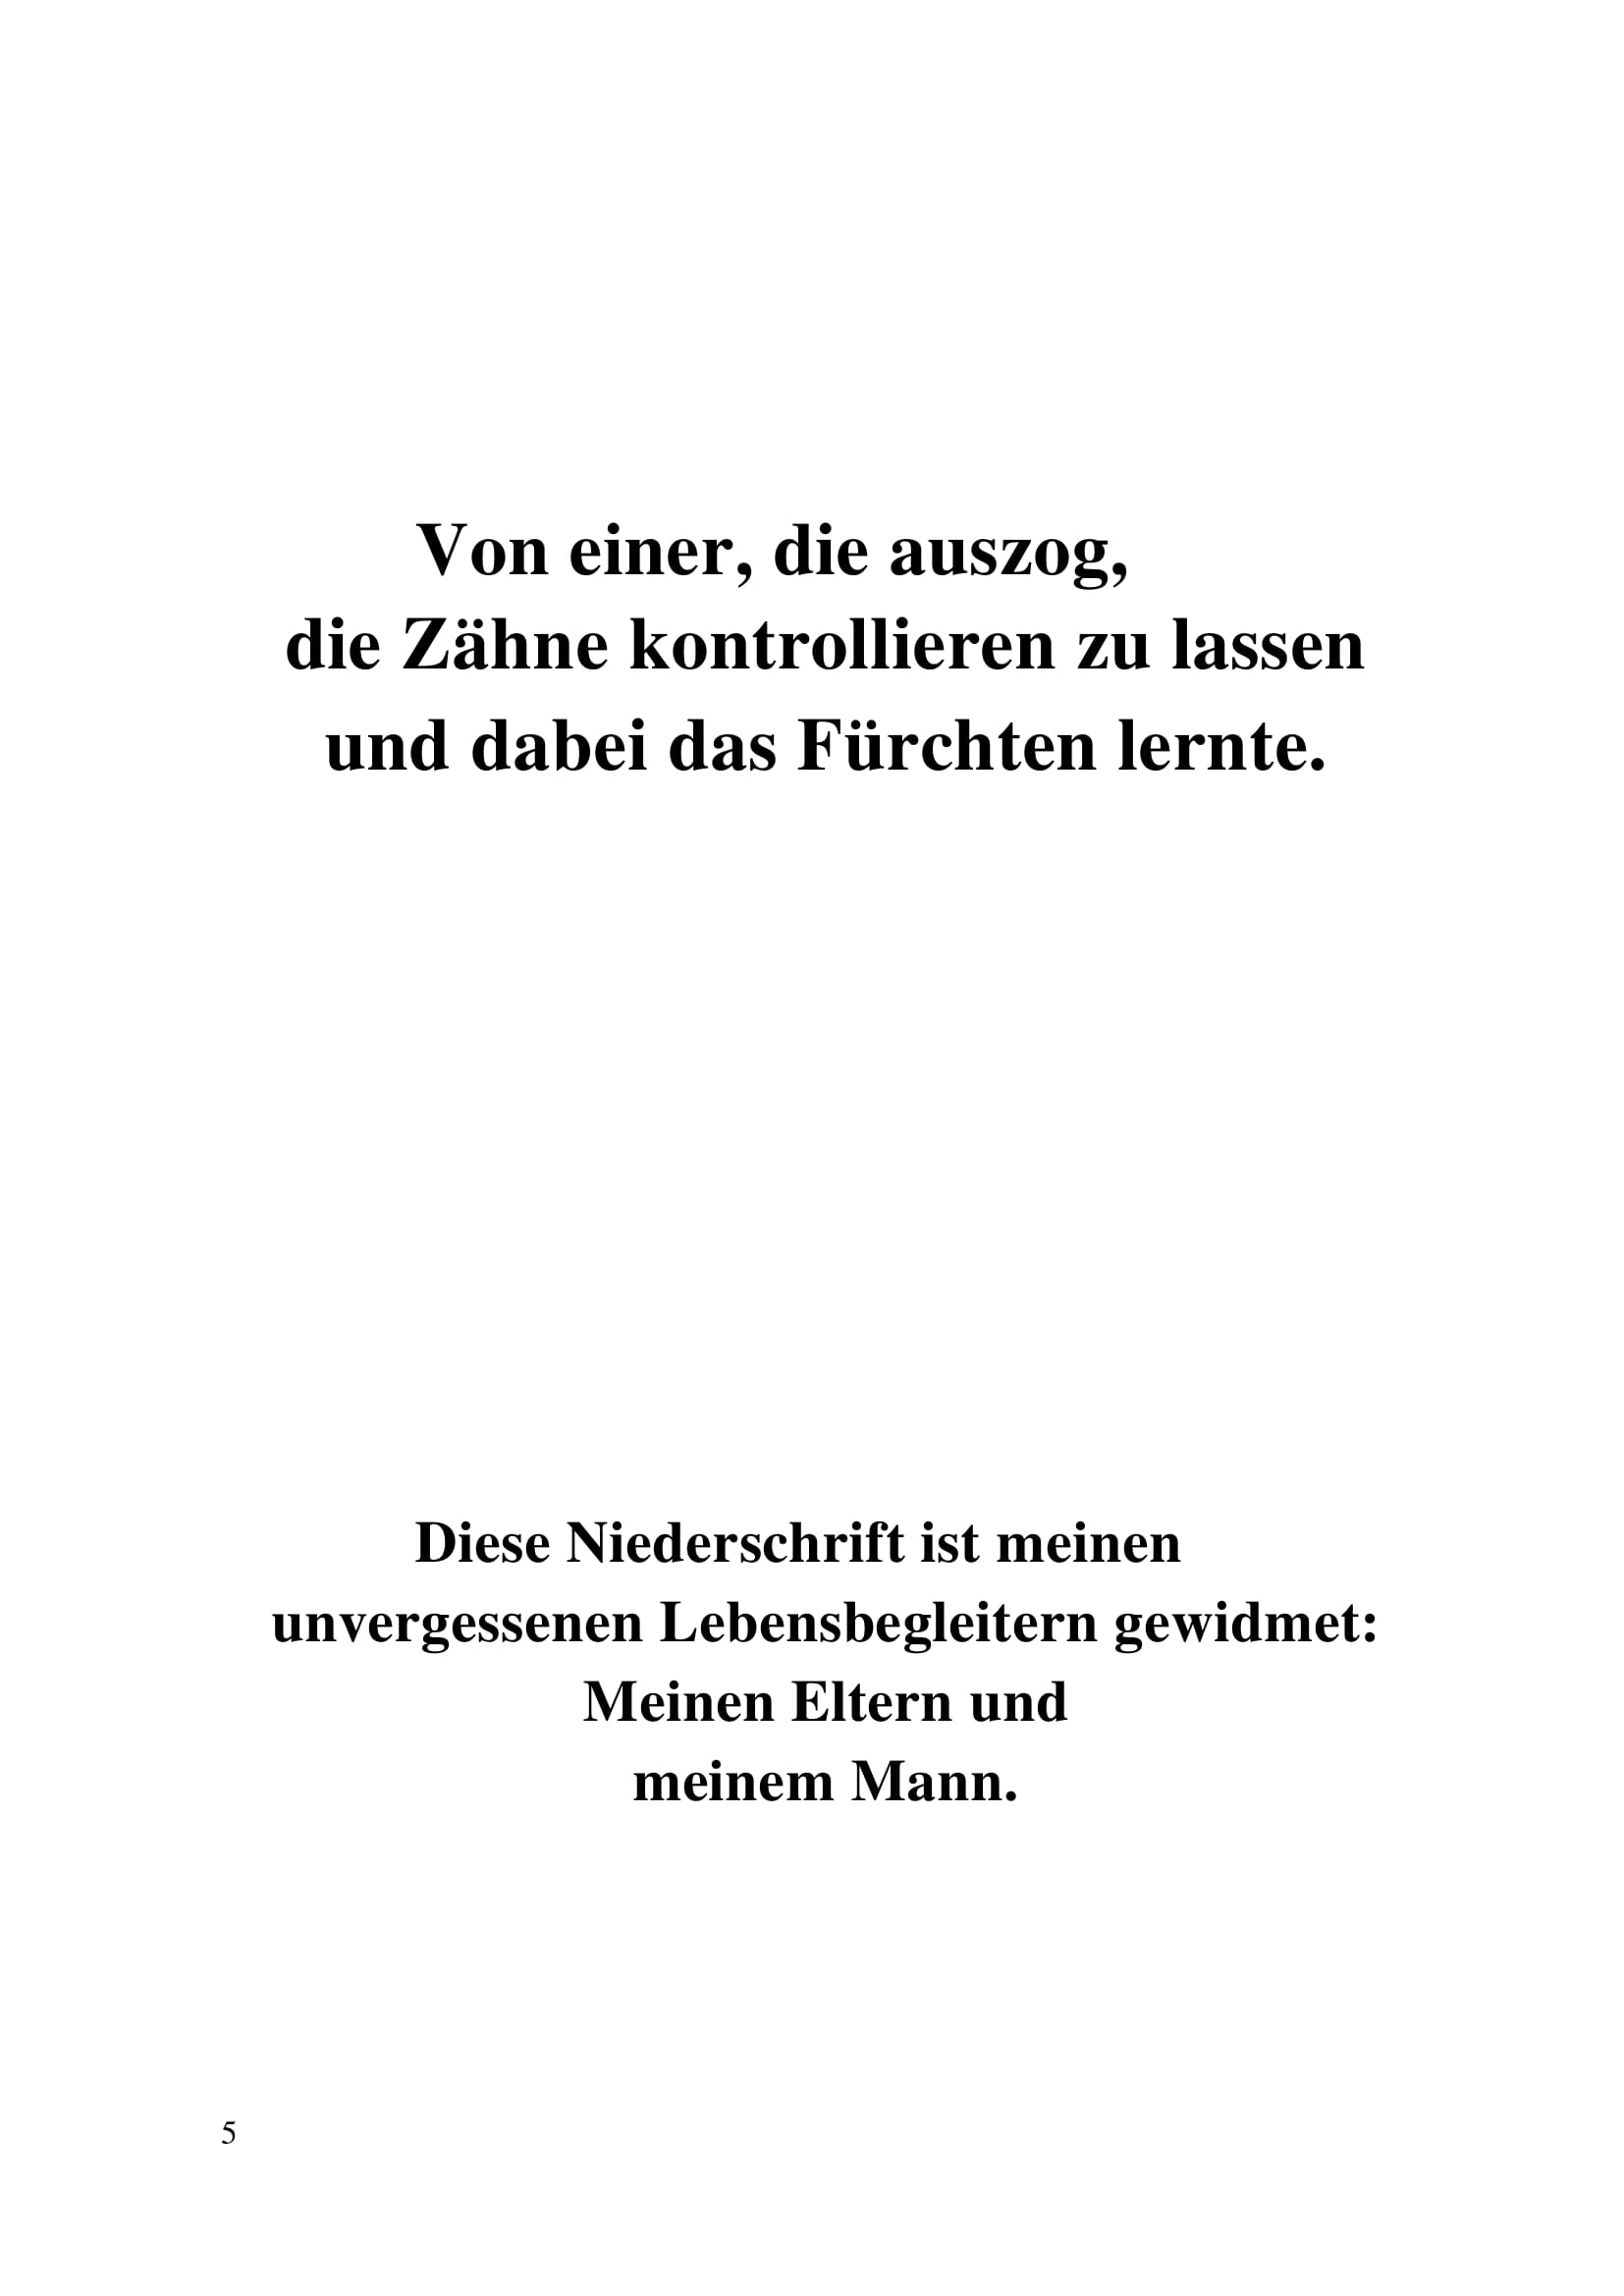 ausdembuch03